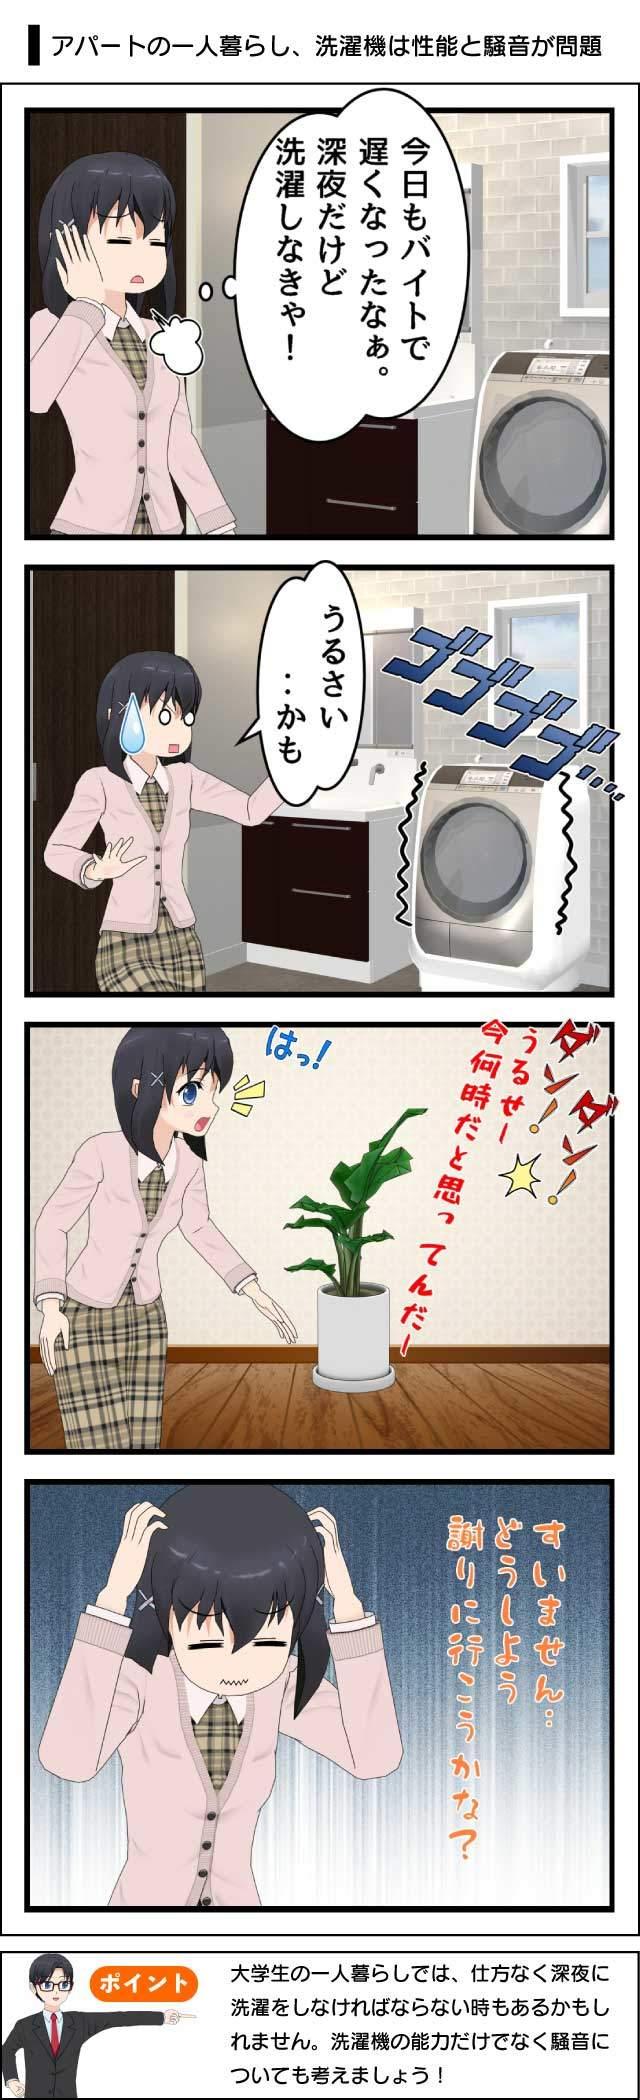 大学生のアパート一人暮らし。洗濯機は性能と騒音について考えよう。